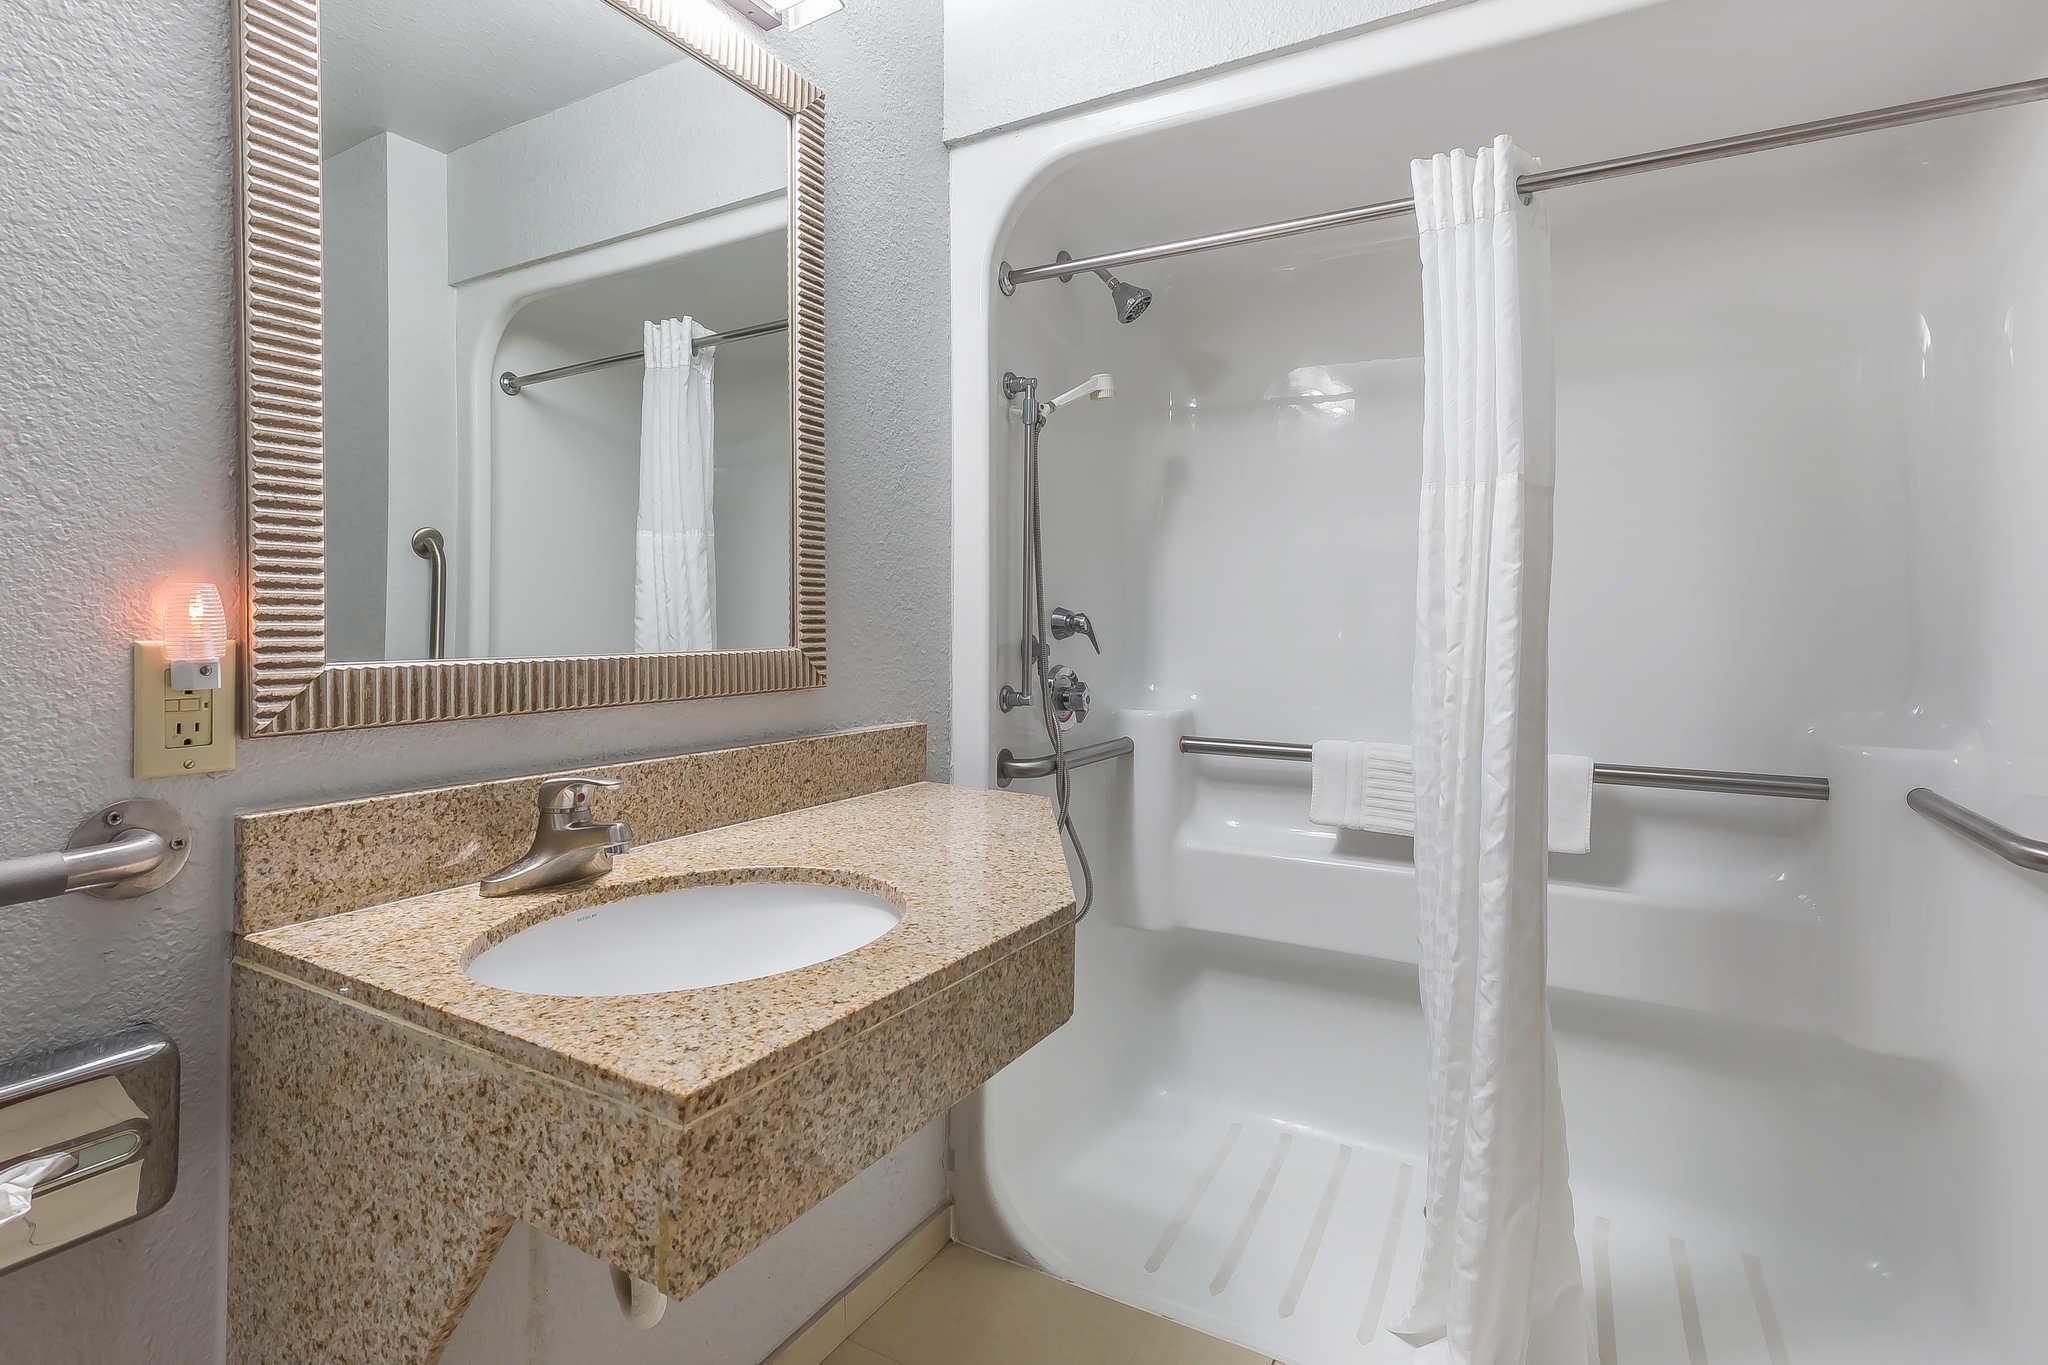 Comfort Inn image 36